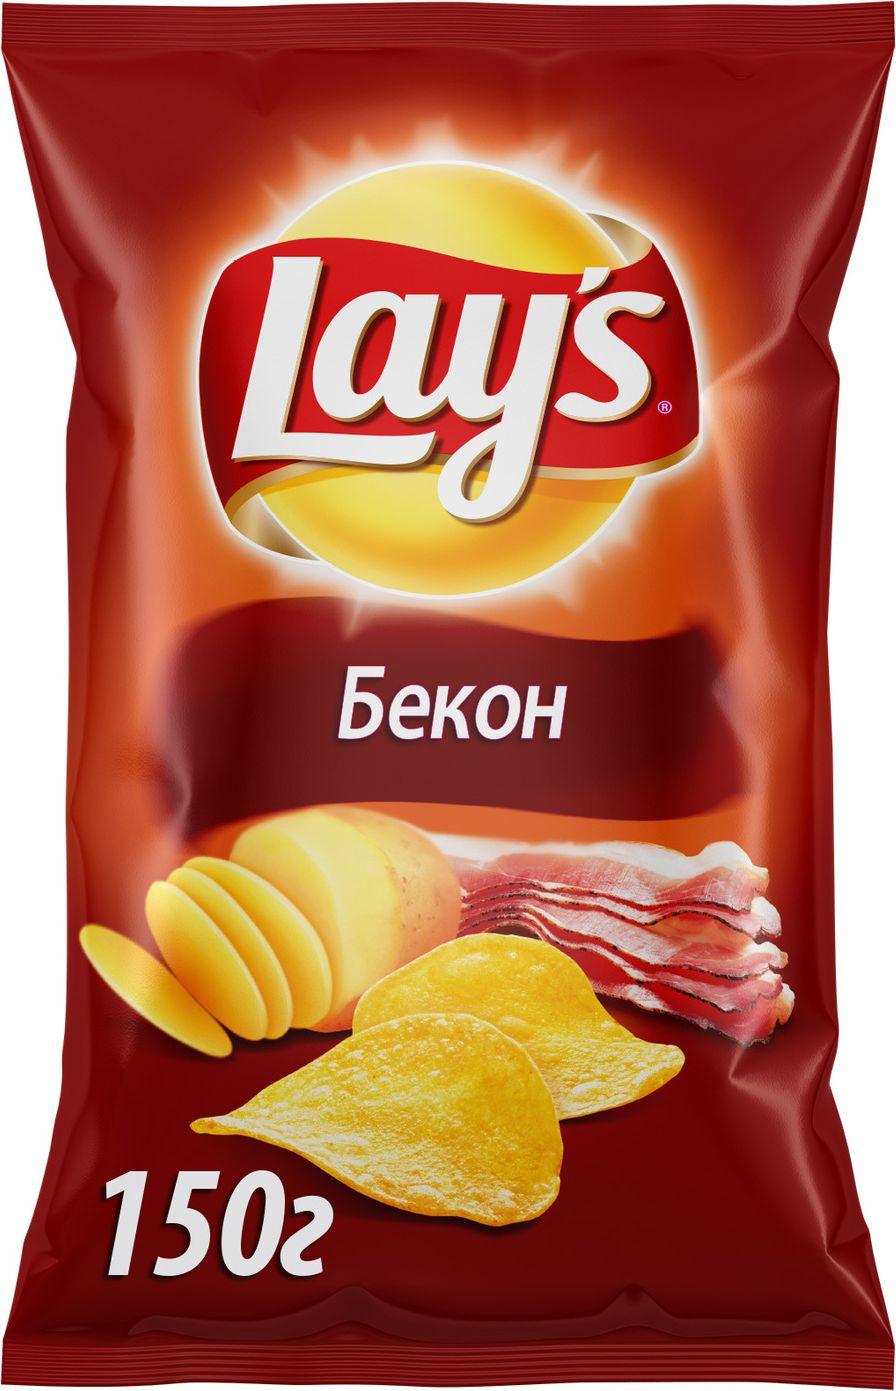 Чипсы Lay's Бекон картофельные, 150 г чипсы картофельные русская картошка колбаски гриль 150 г